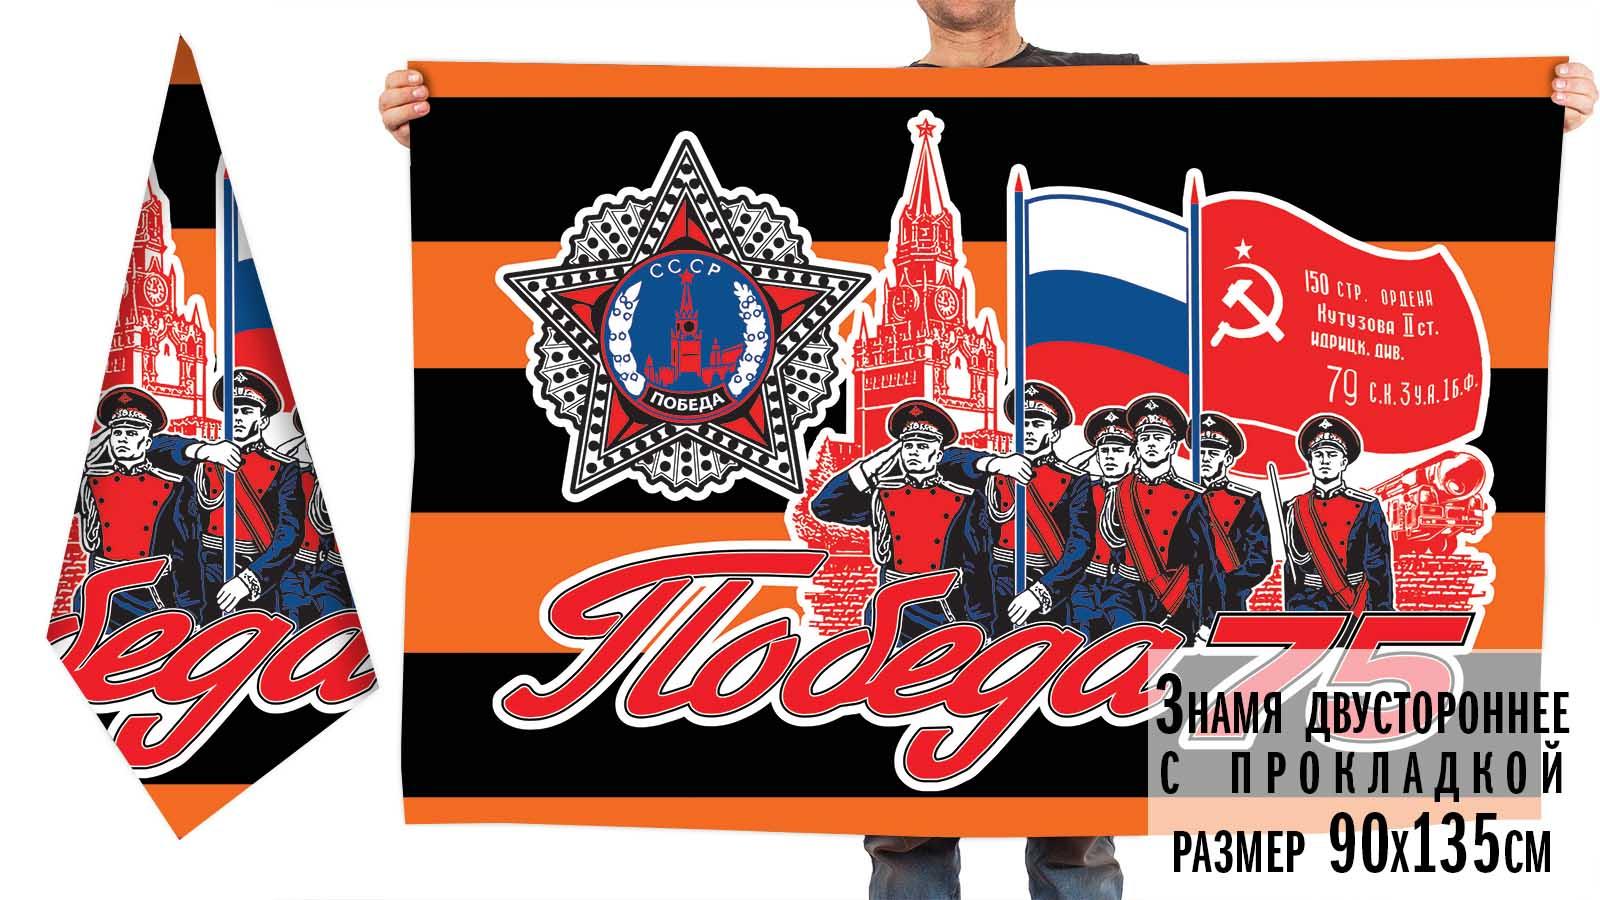 Юбилейное знамя к дню Победы для мероприятий 9 мая